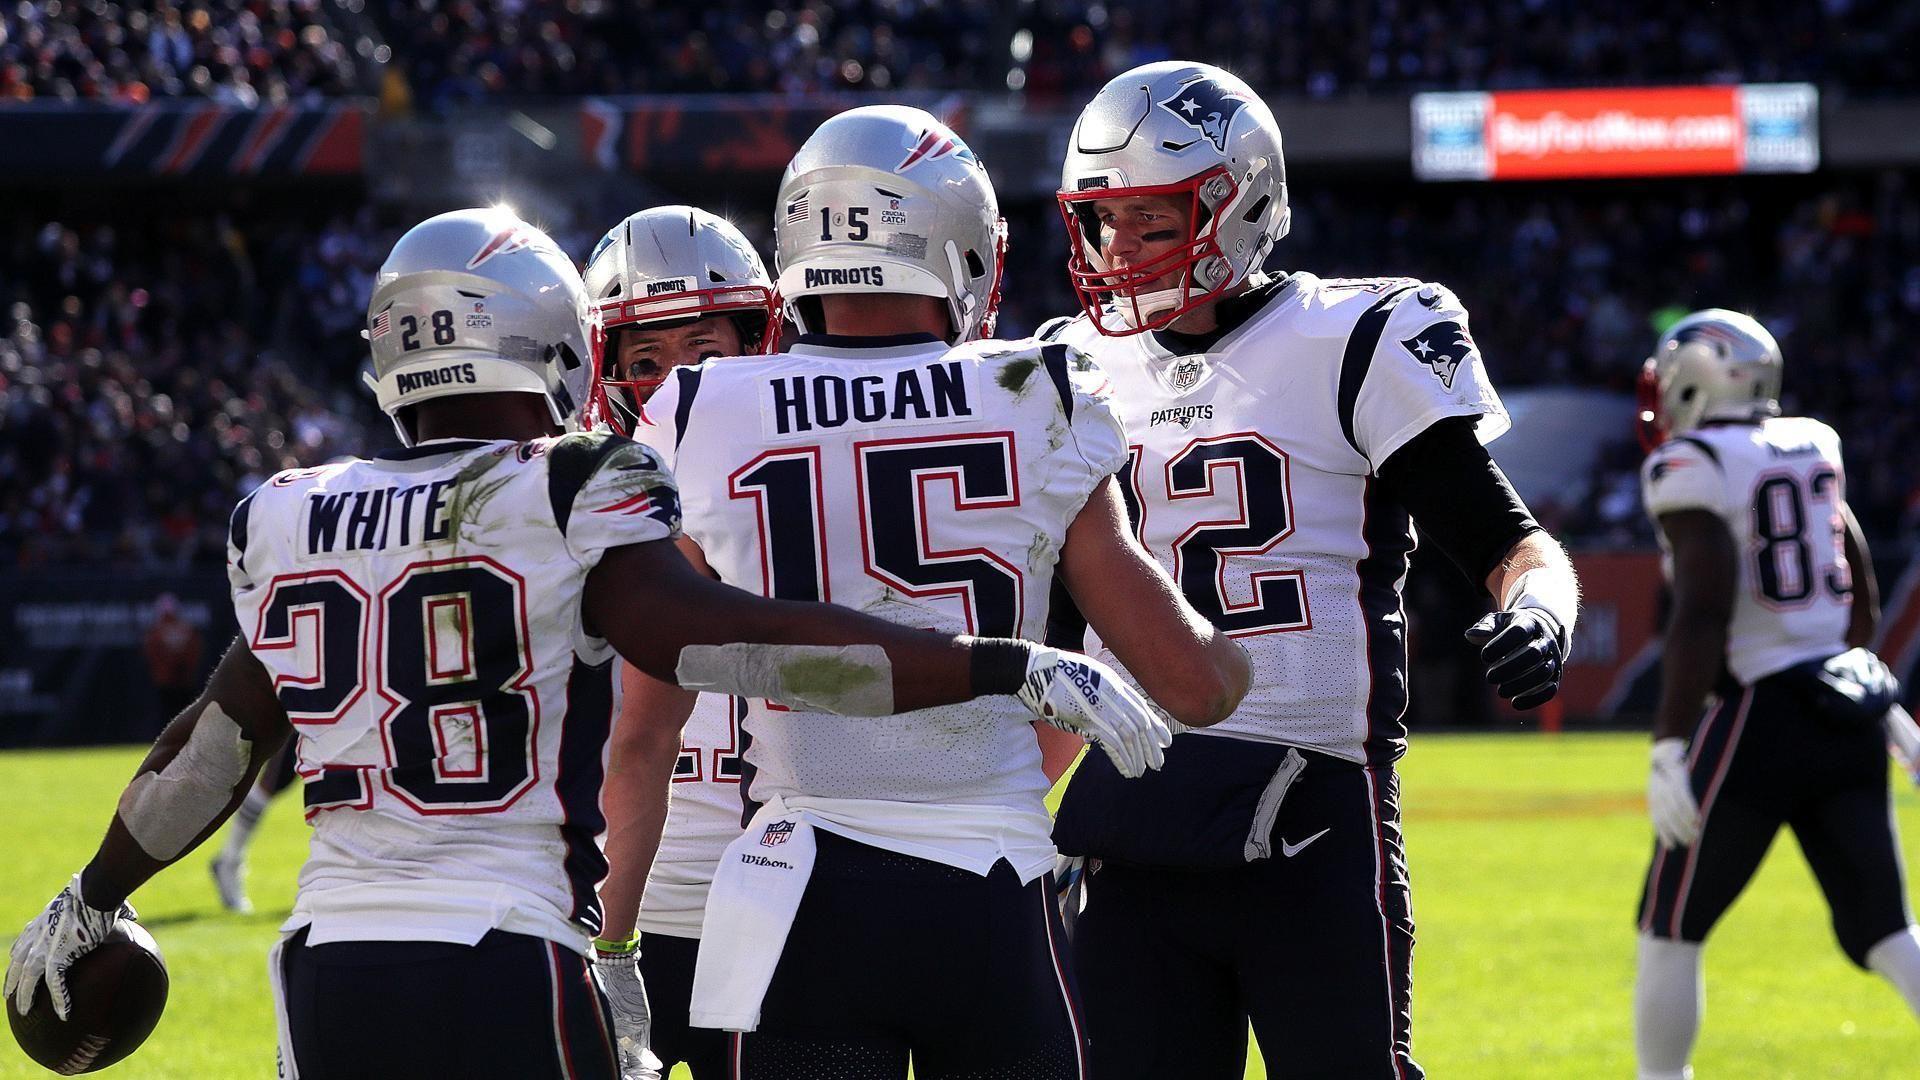 Chicago Il 10 21 2018 4th Quarter New England Patriots Quarterback Tom Brady 12 Celebrates With Ne Patriots Patriots Quarterbacks New England Patriots